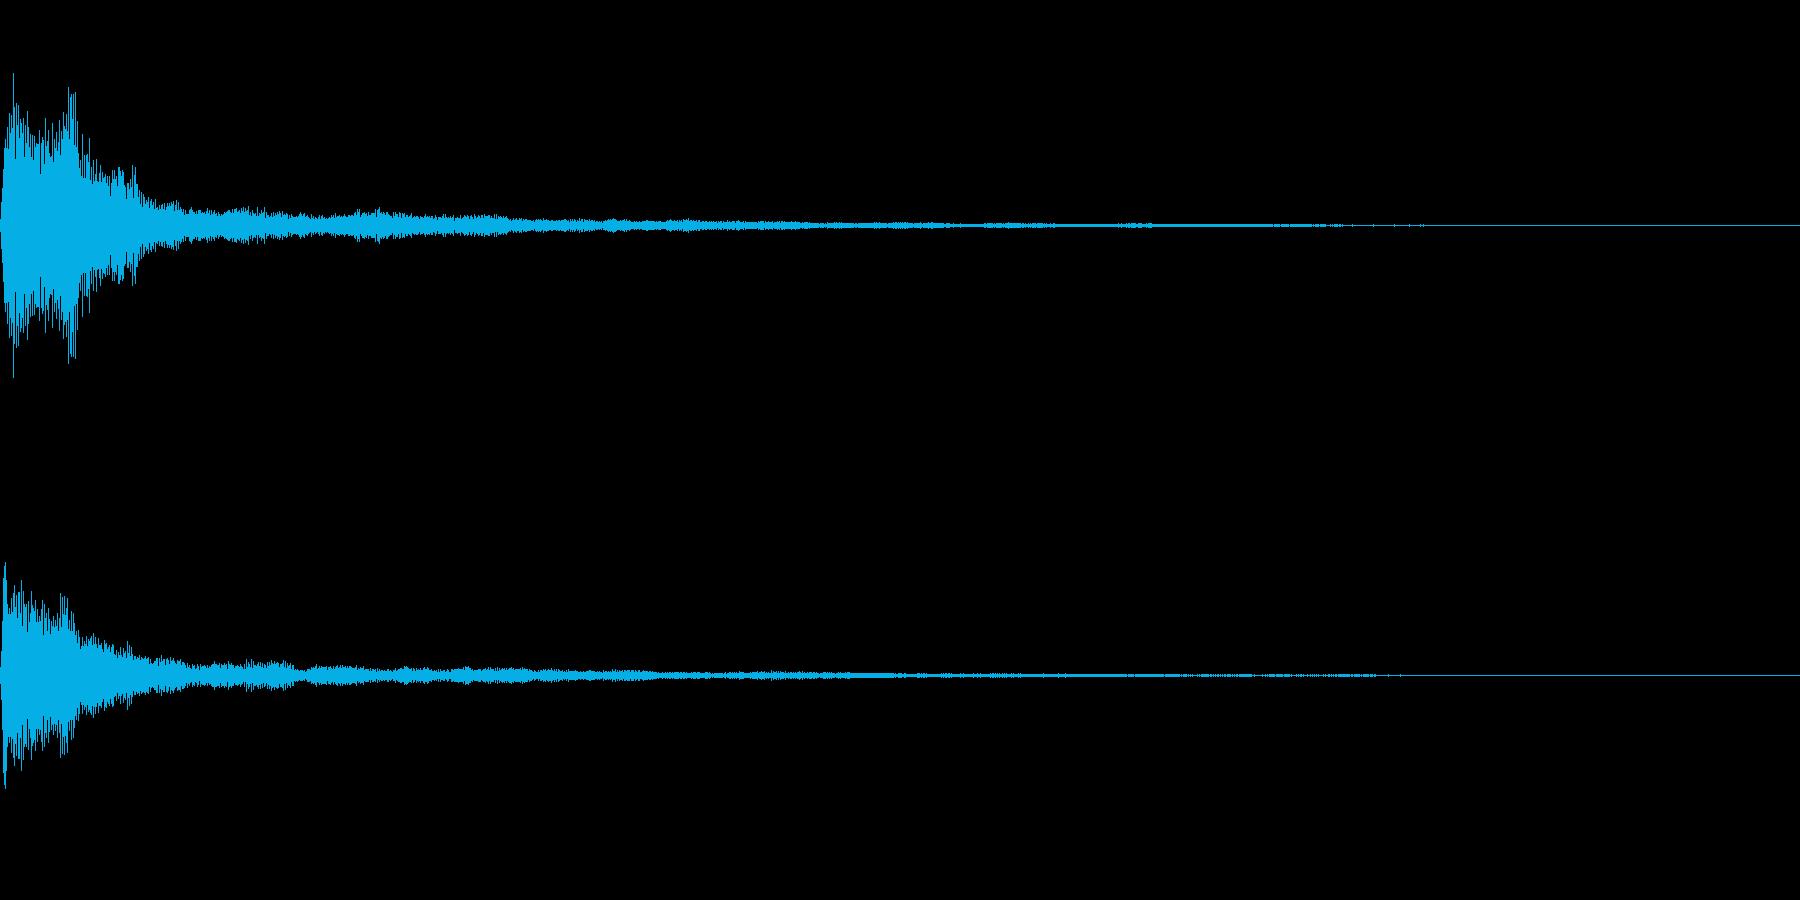 テロップ音~明るめのピアノの4和音~の再生済みの波形